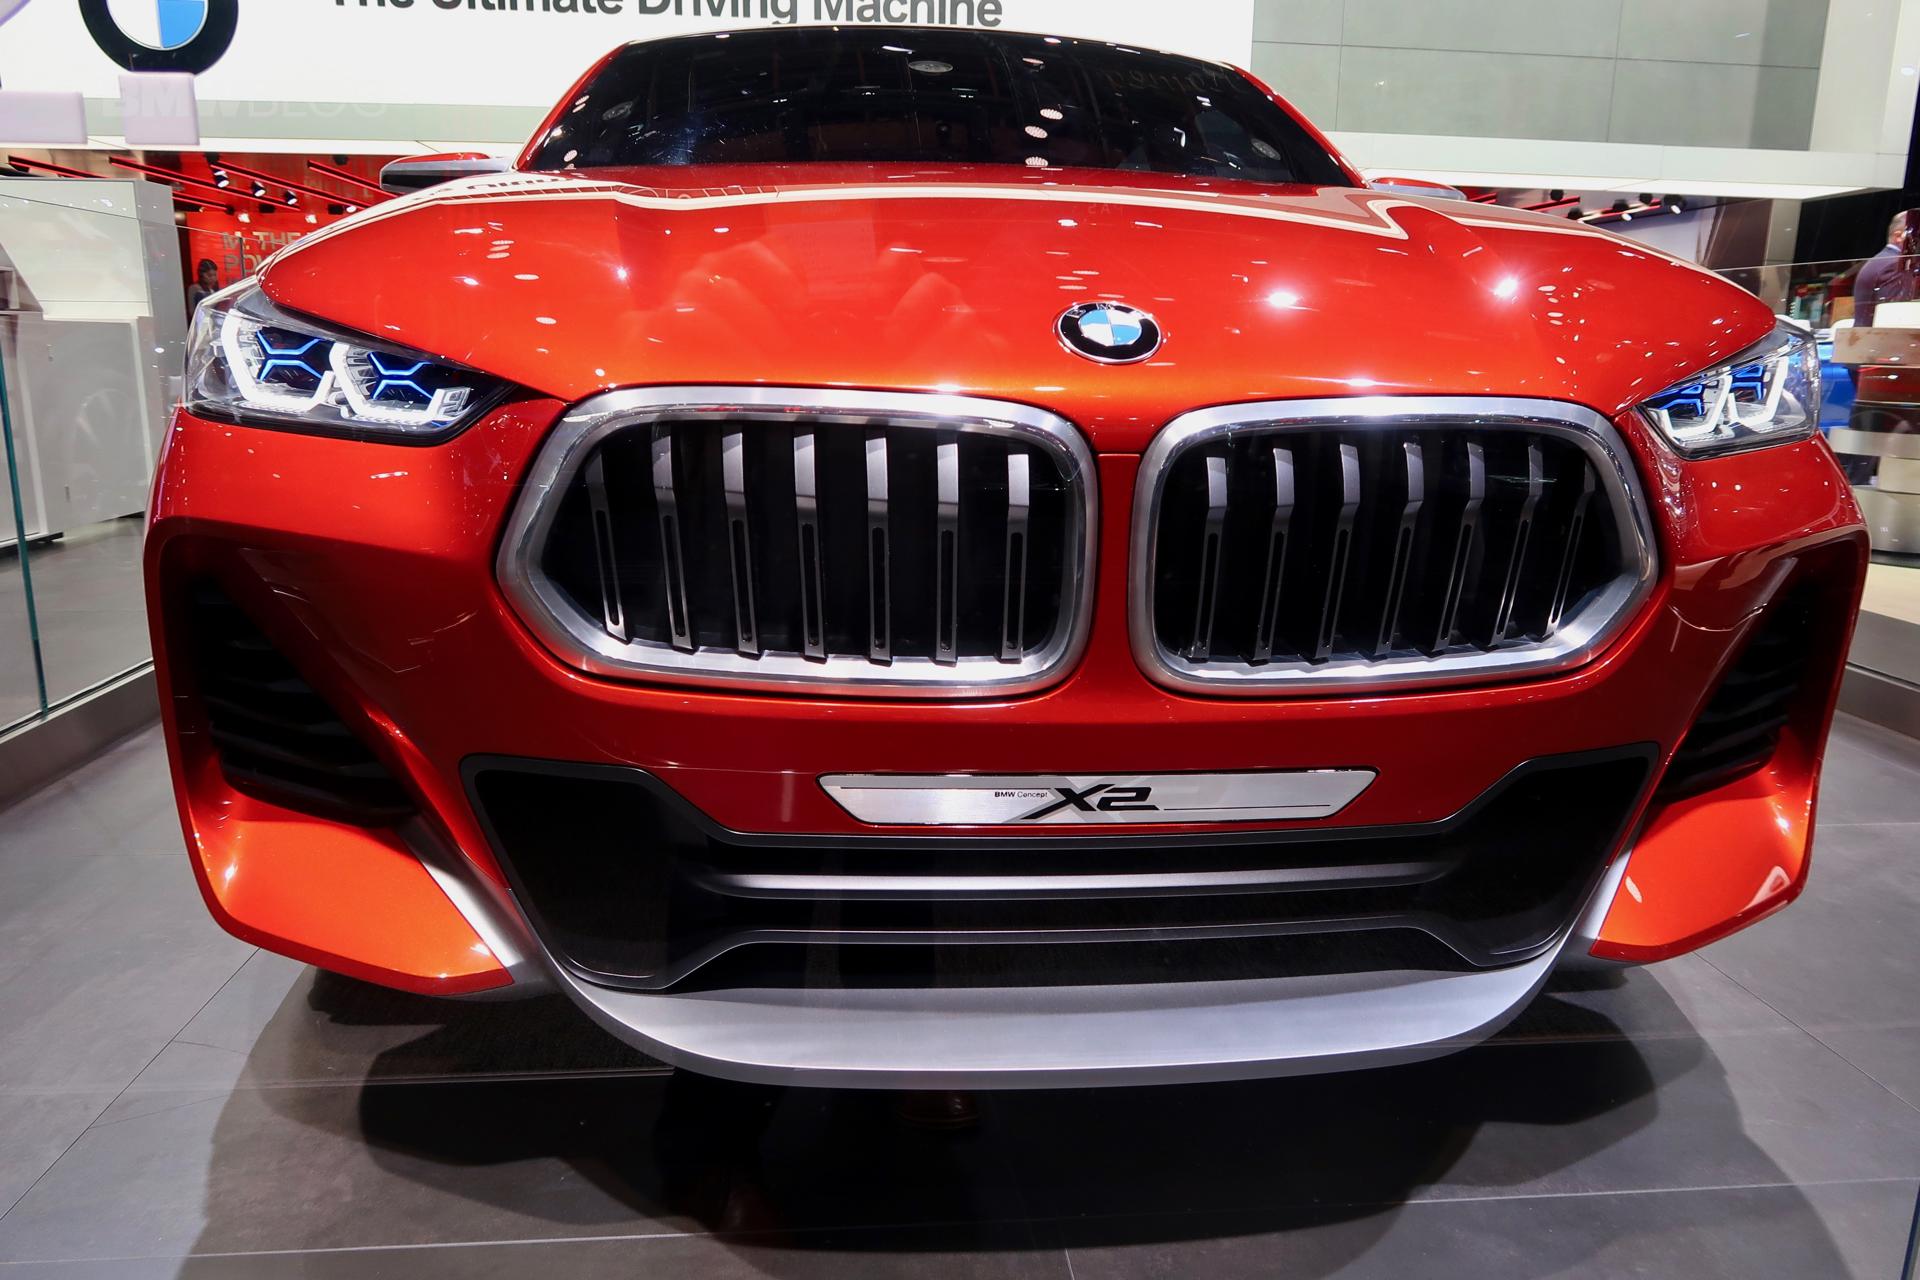 BMW Concept X2 Detroit Auto Show 04